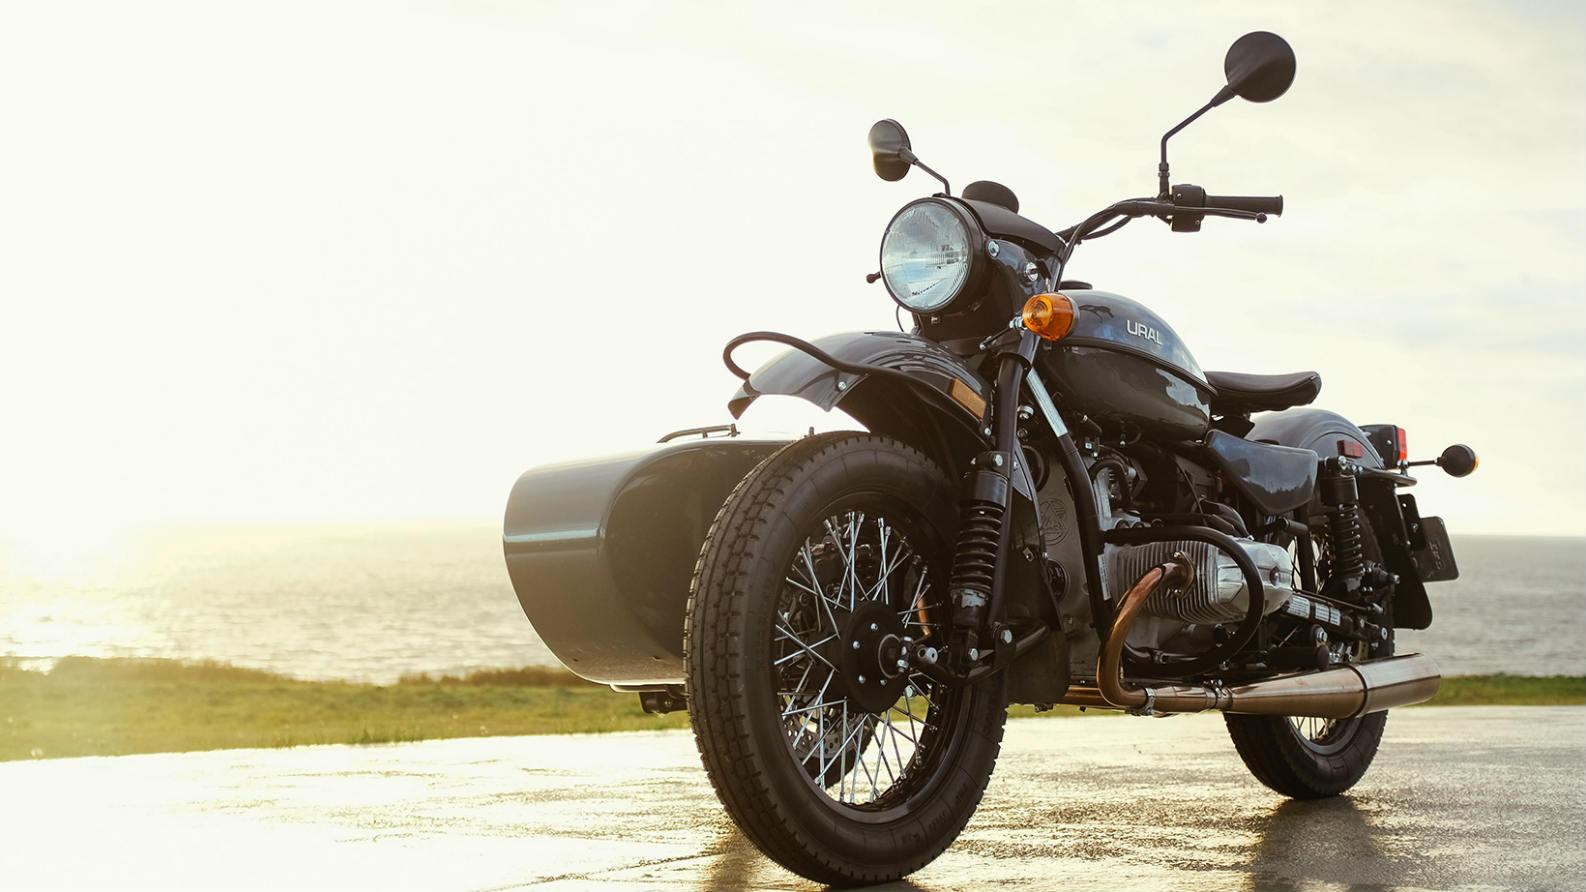 ural sidecar motorcycles. Black Bedroom Furniture Sets. Home Design Ideas